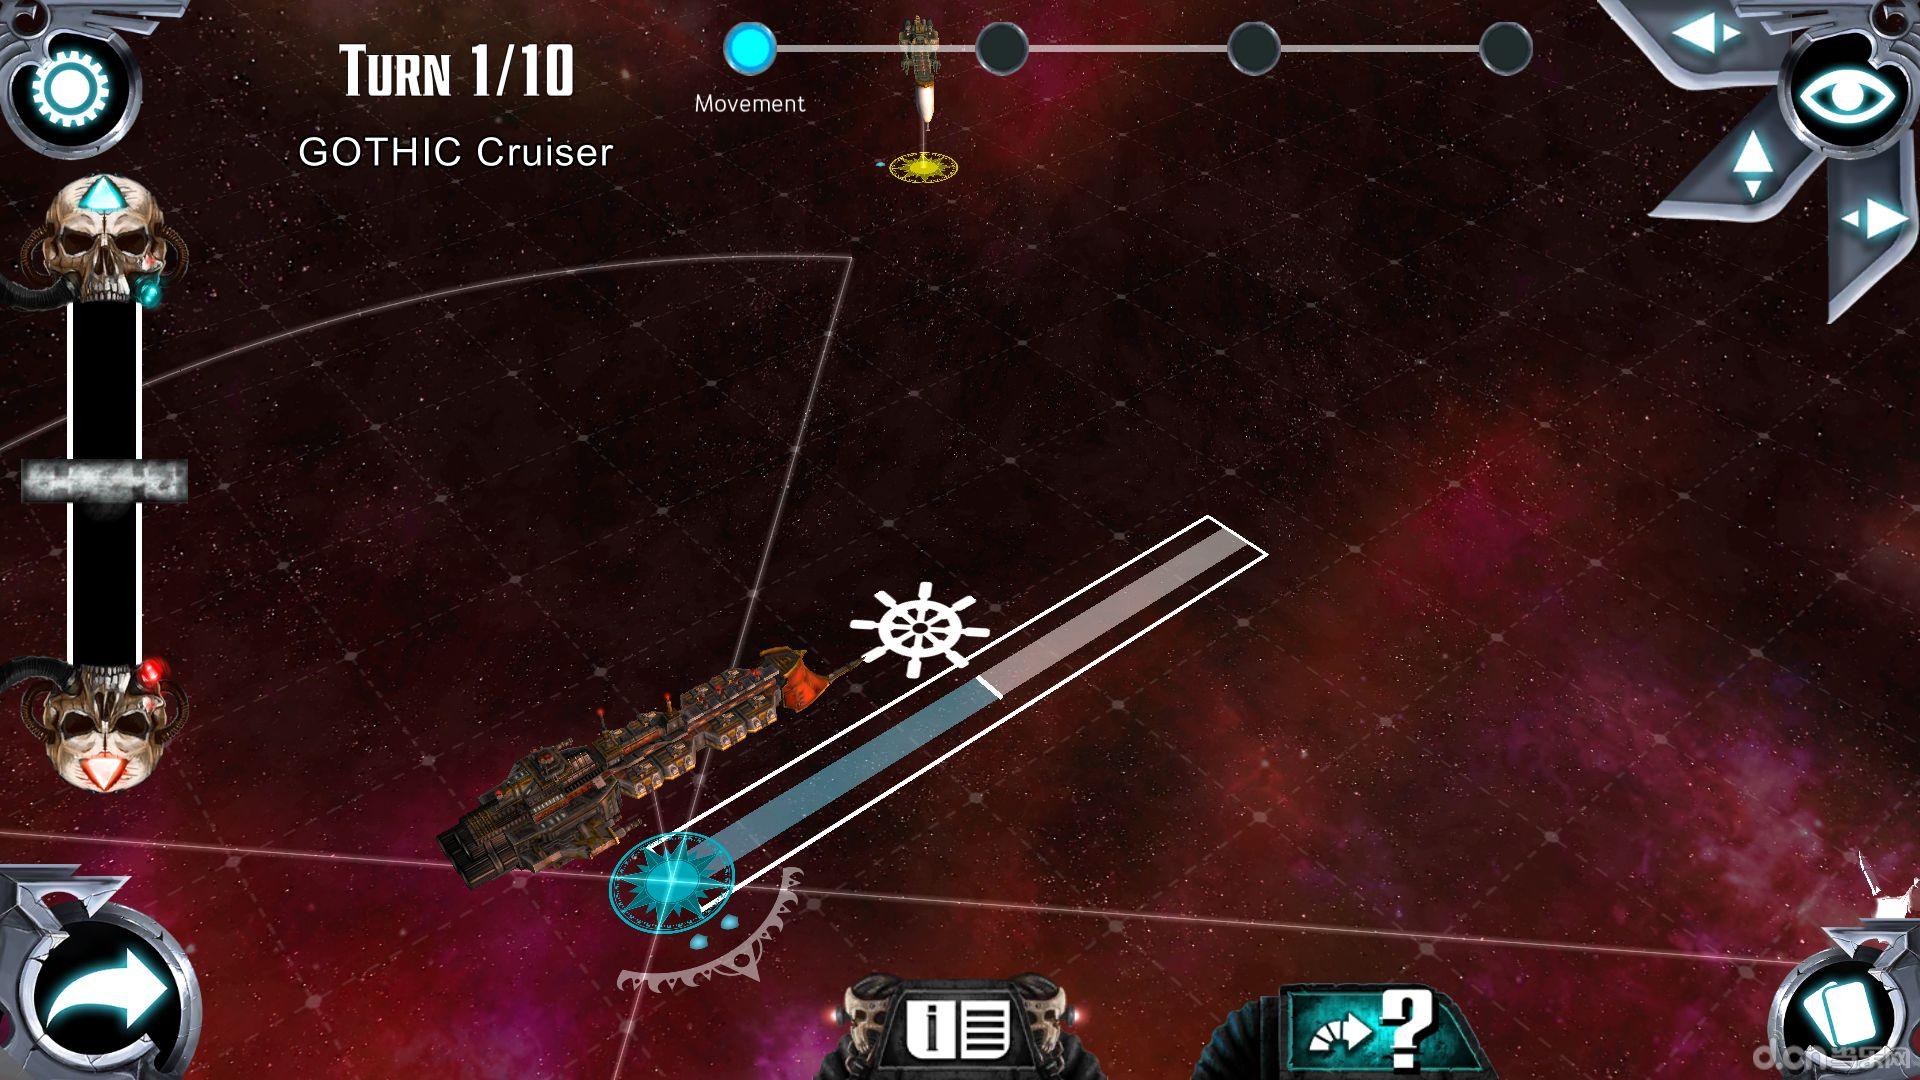 哥特舰队:利维亚坦_哥特舰队:利维亚坦安卓版画面视频声音不v舰队图片